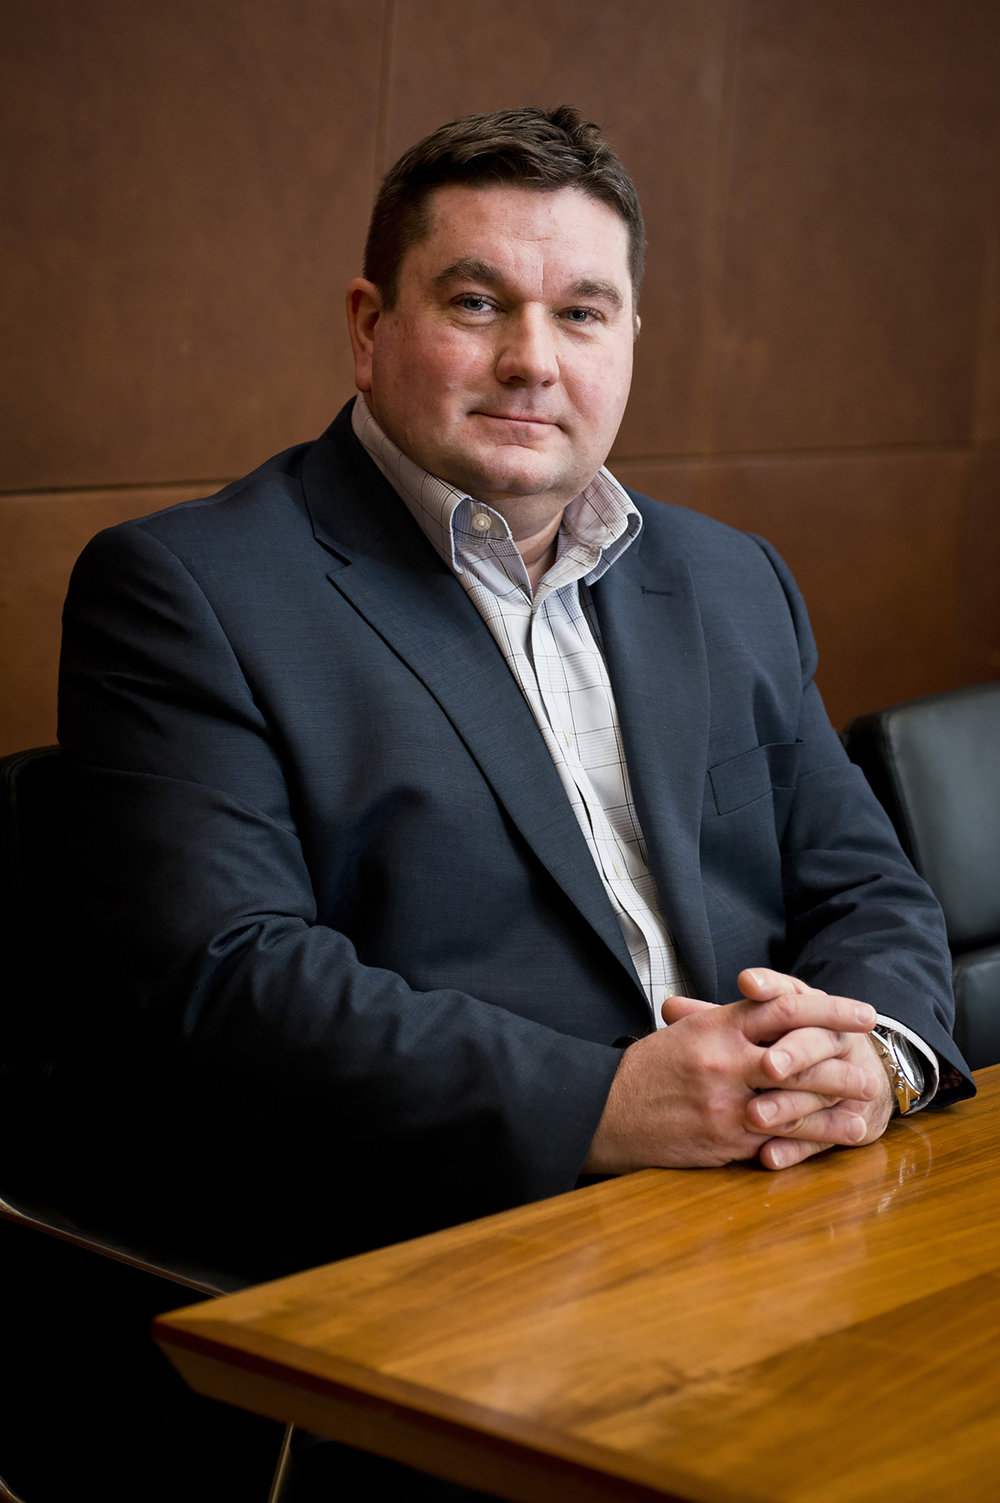 Paul Strutt Managing Director